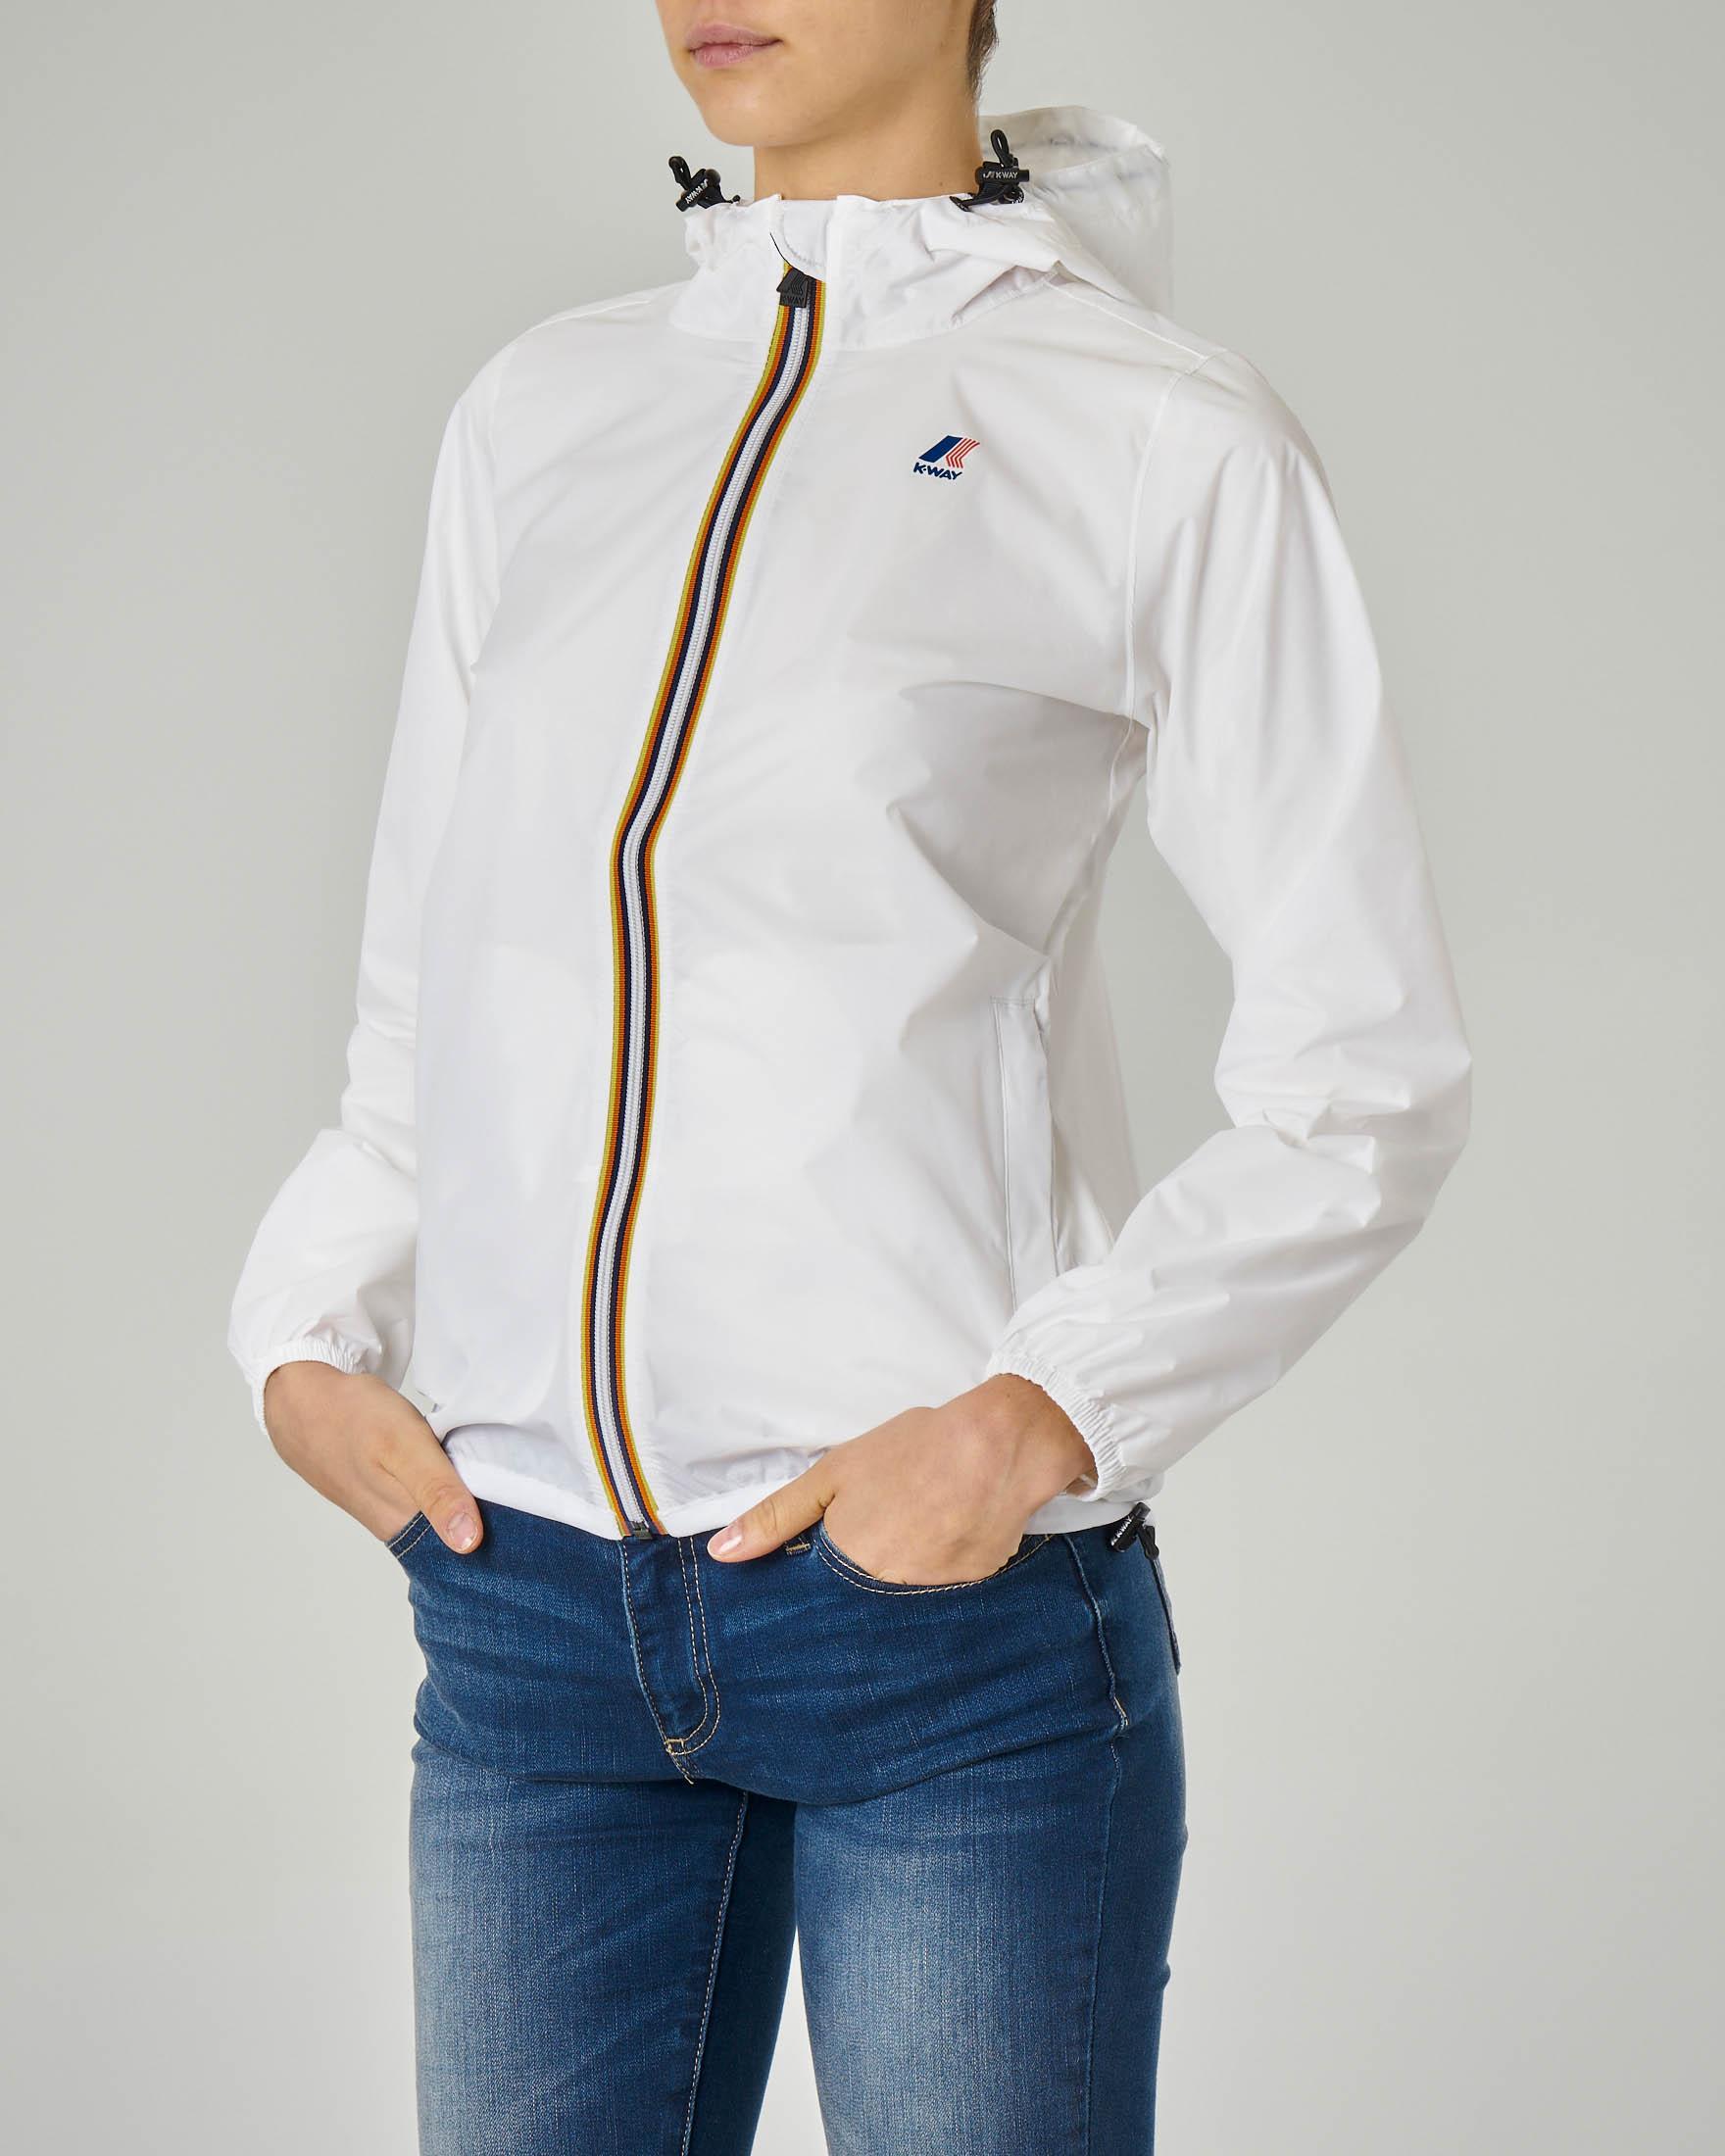 Giubbino impermeabile bianco vestibilità regular con cappuccio